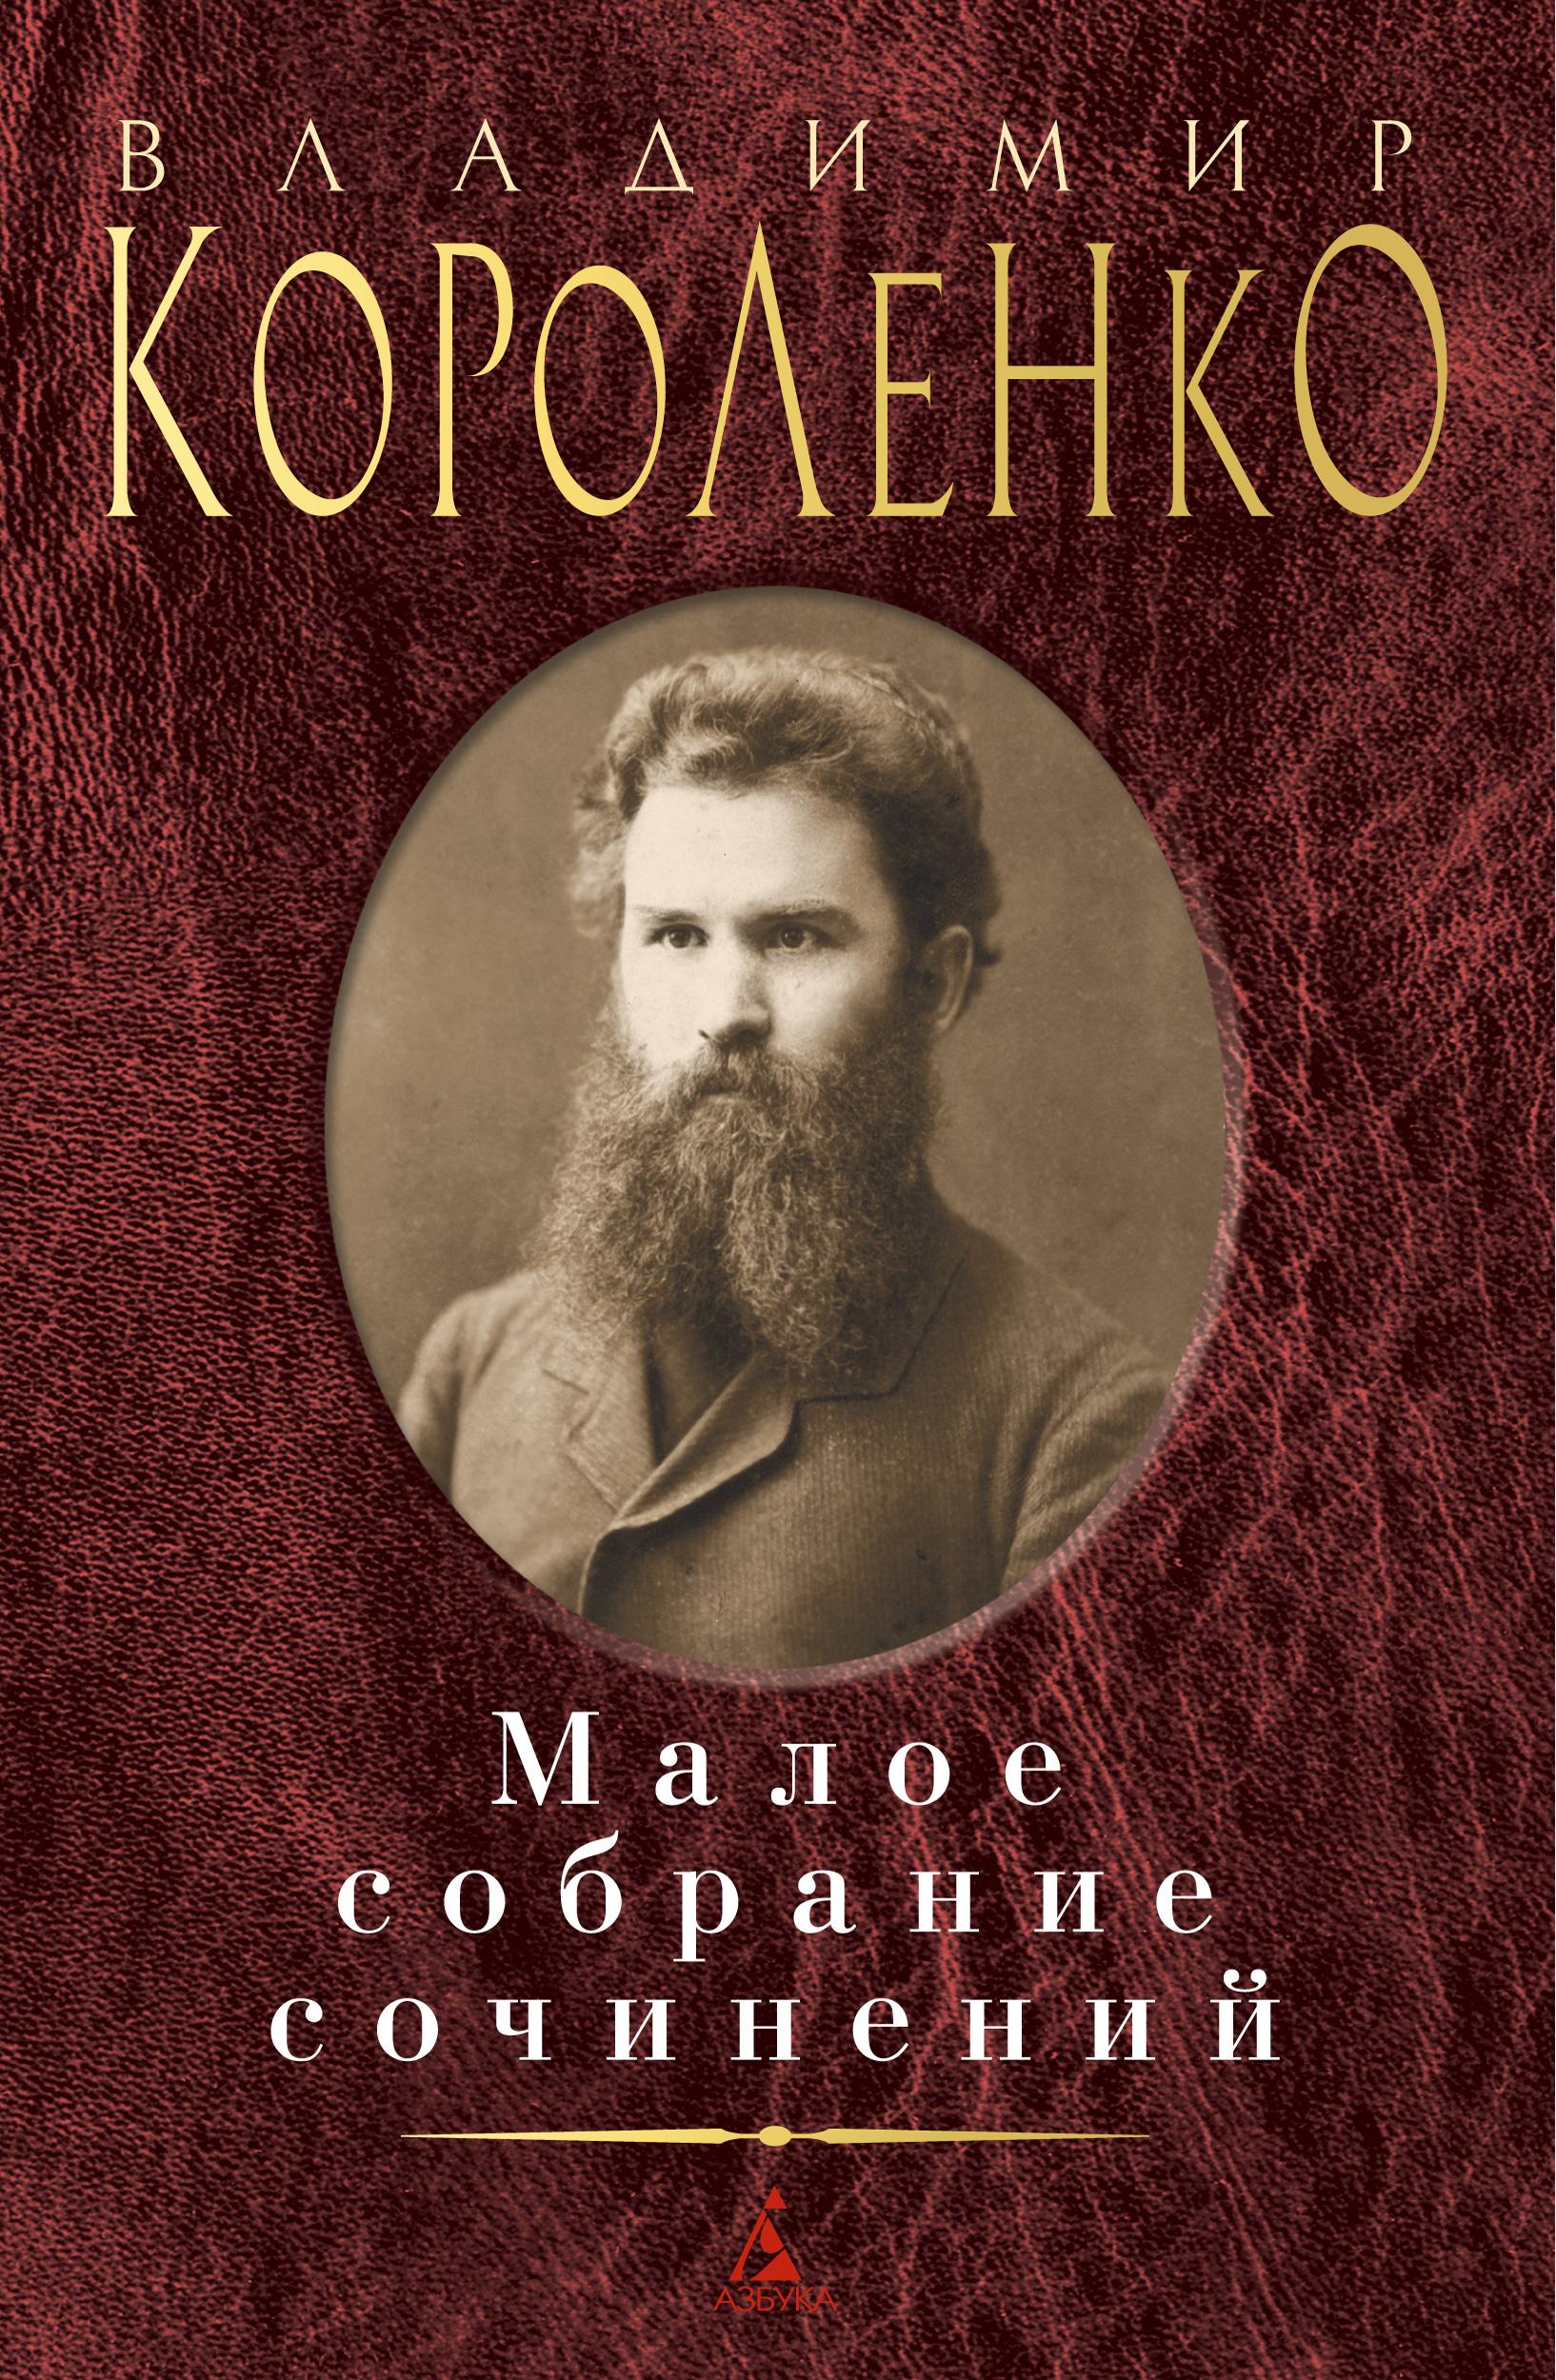 Малое собрание сочинений/Короленко В.